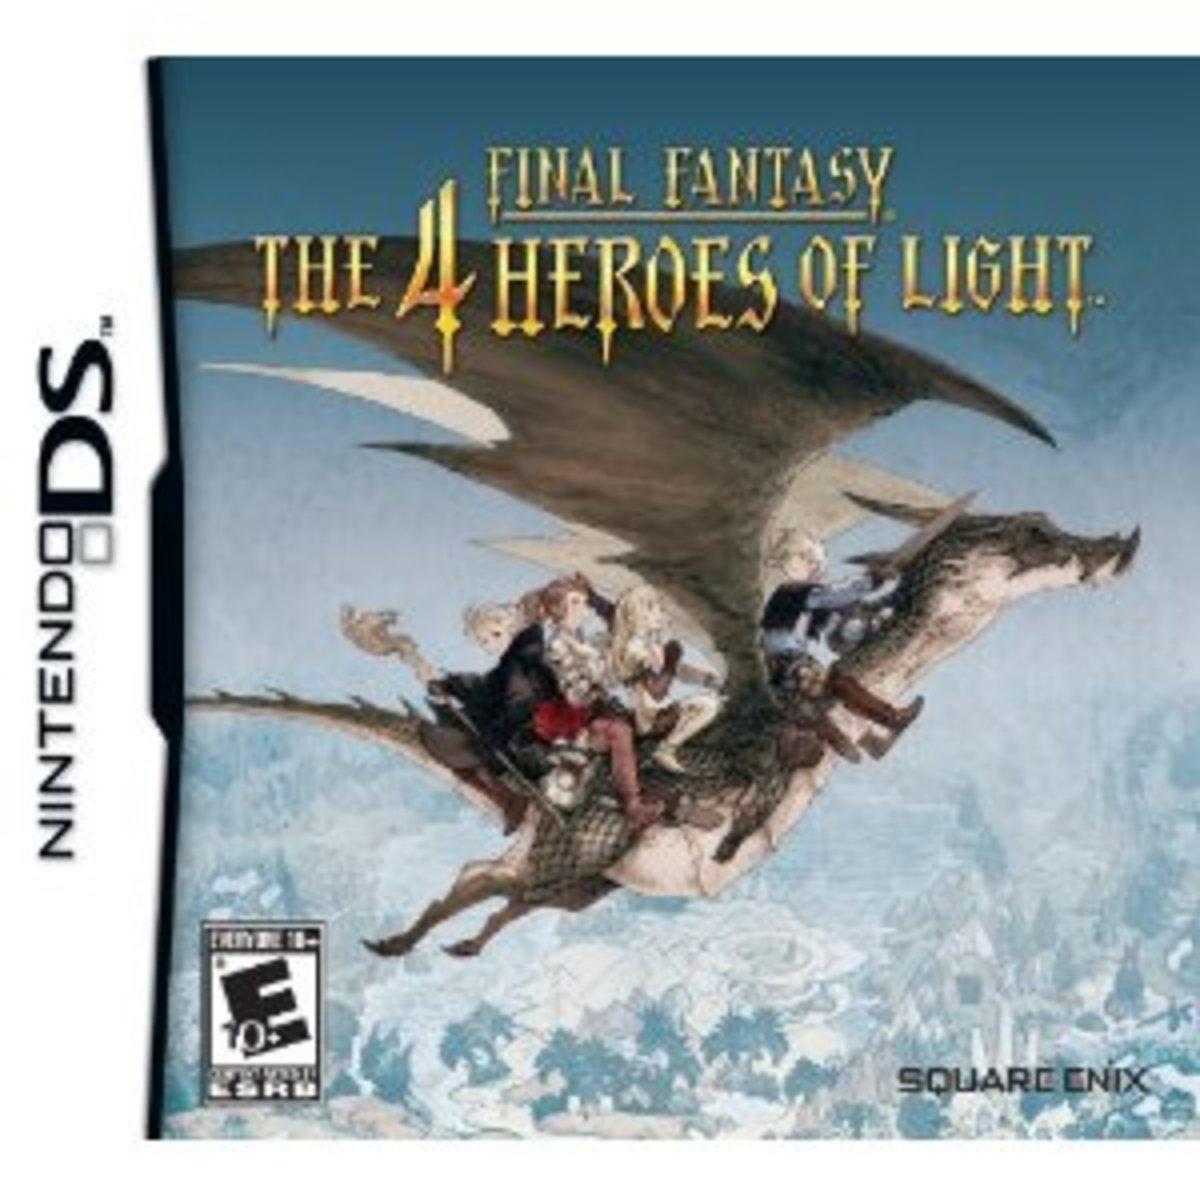 Best DSi XL Games